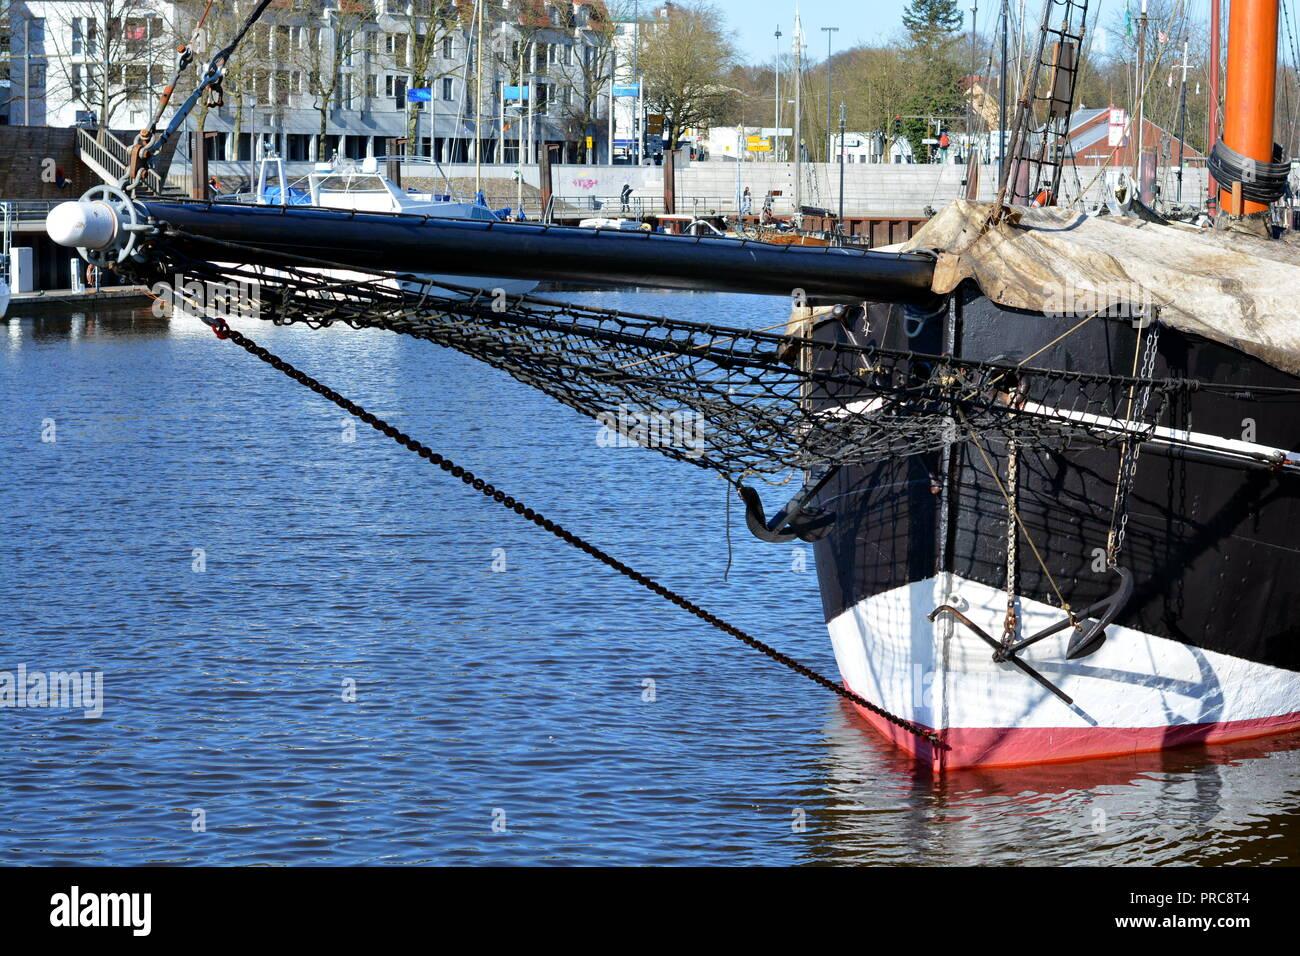 Segelboot  Hafen - Stock Image